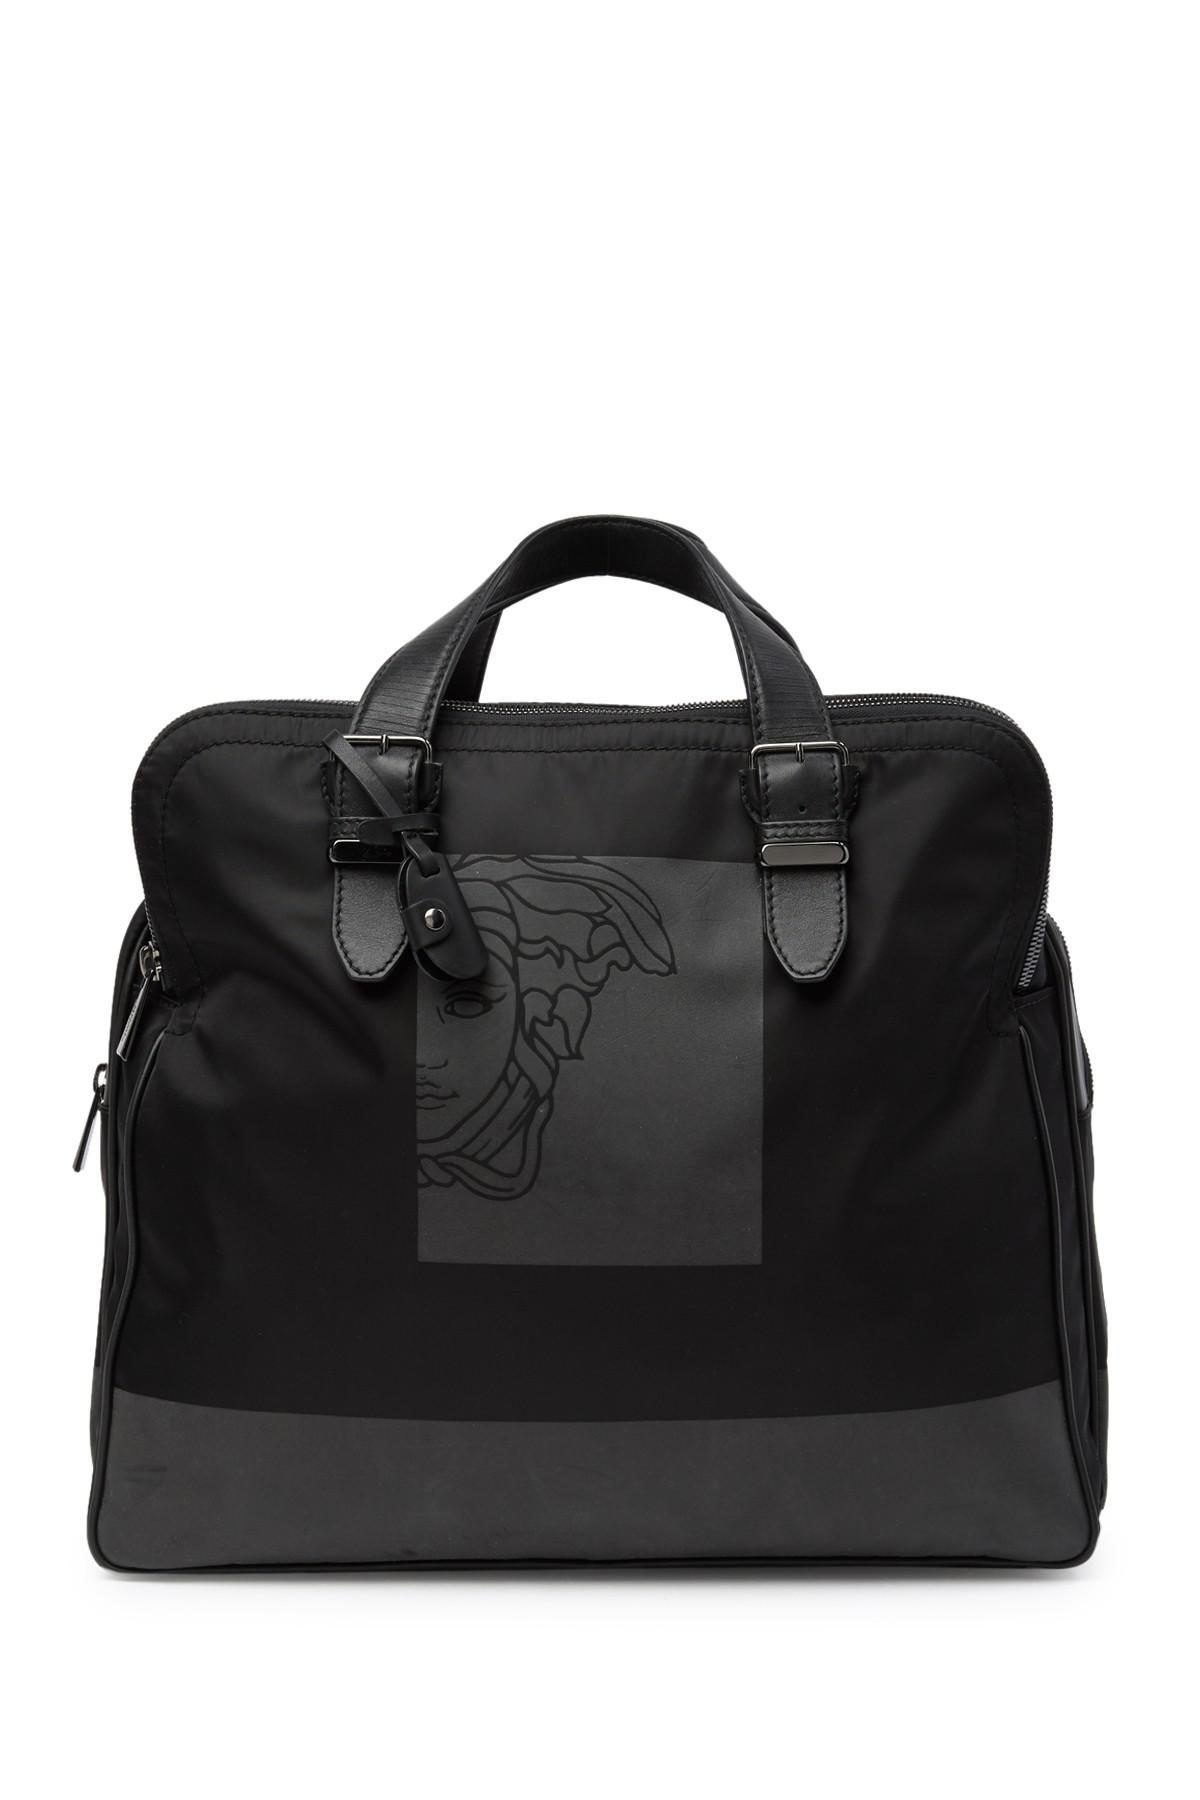 6cb028f2da1b Lyst - Versace Medusa Nylon   Leather Weekend Bag in Black for Men